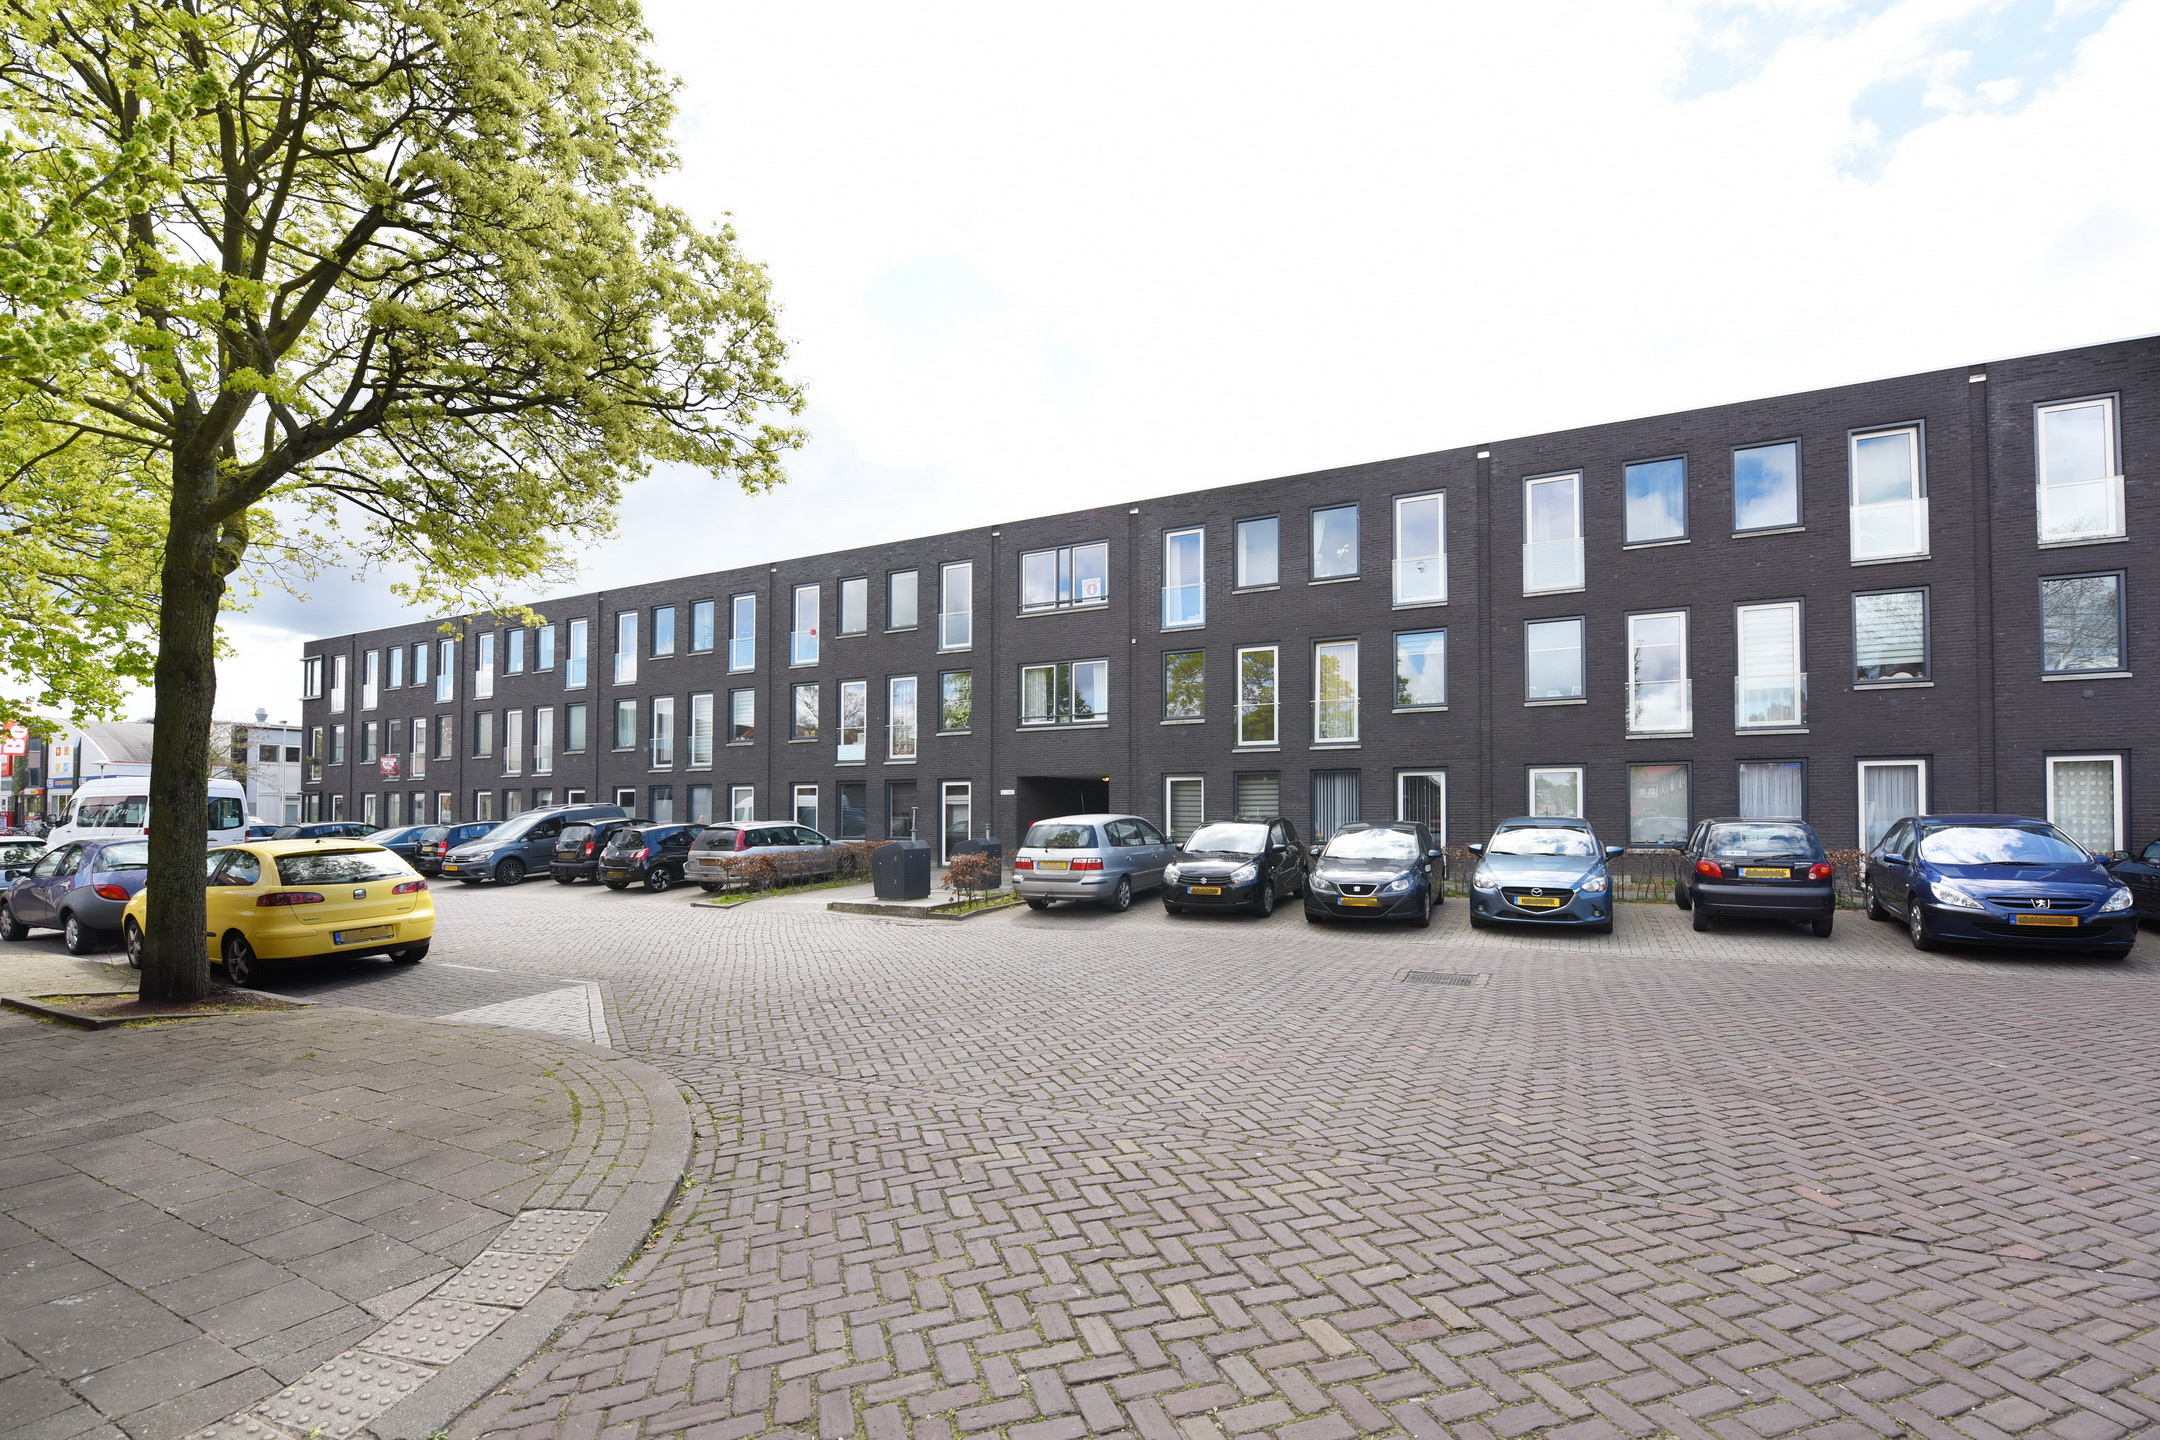 Berlagestraat 54, 3555 CW Utrecht